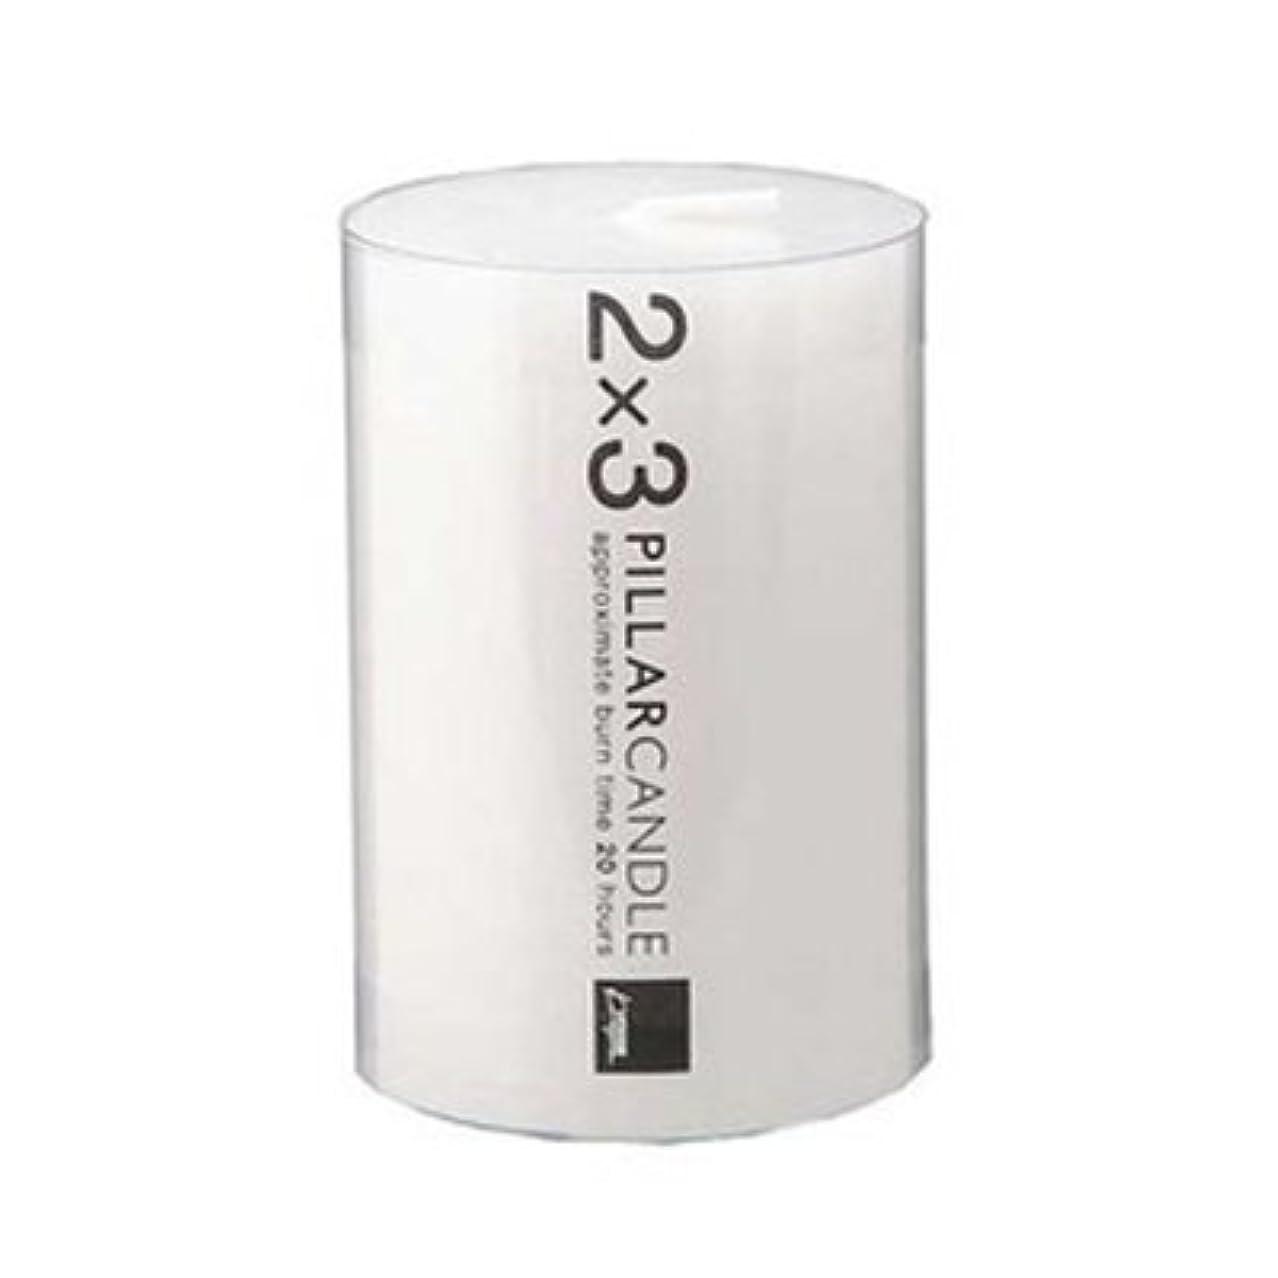 質素なスクランブル損なうカメヤマキャンドル 2×3 ピラーキャンドル ホワイト